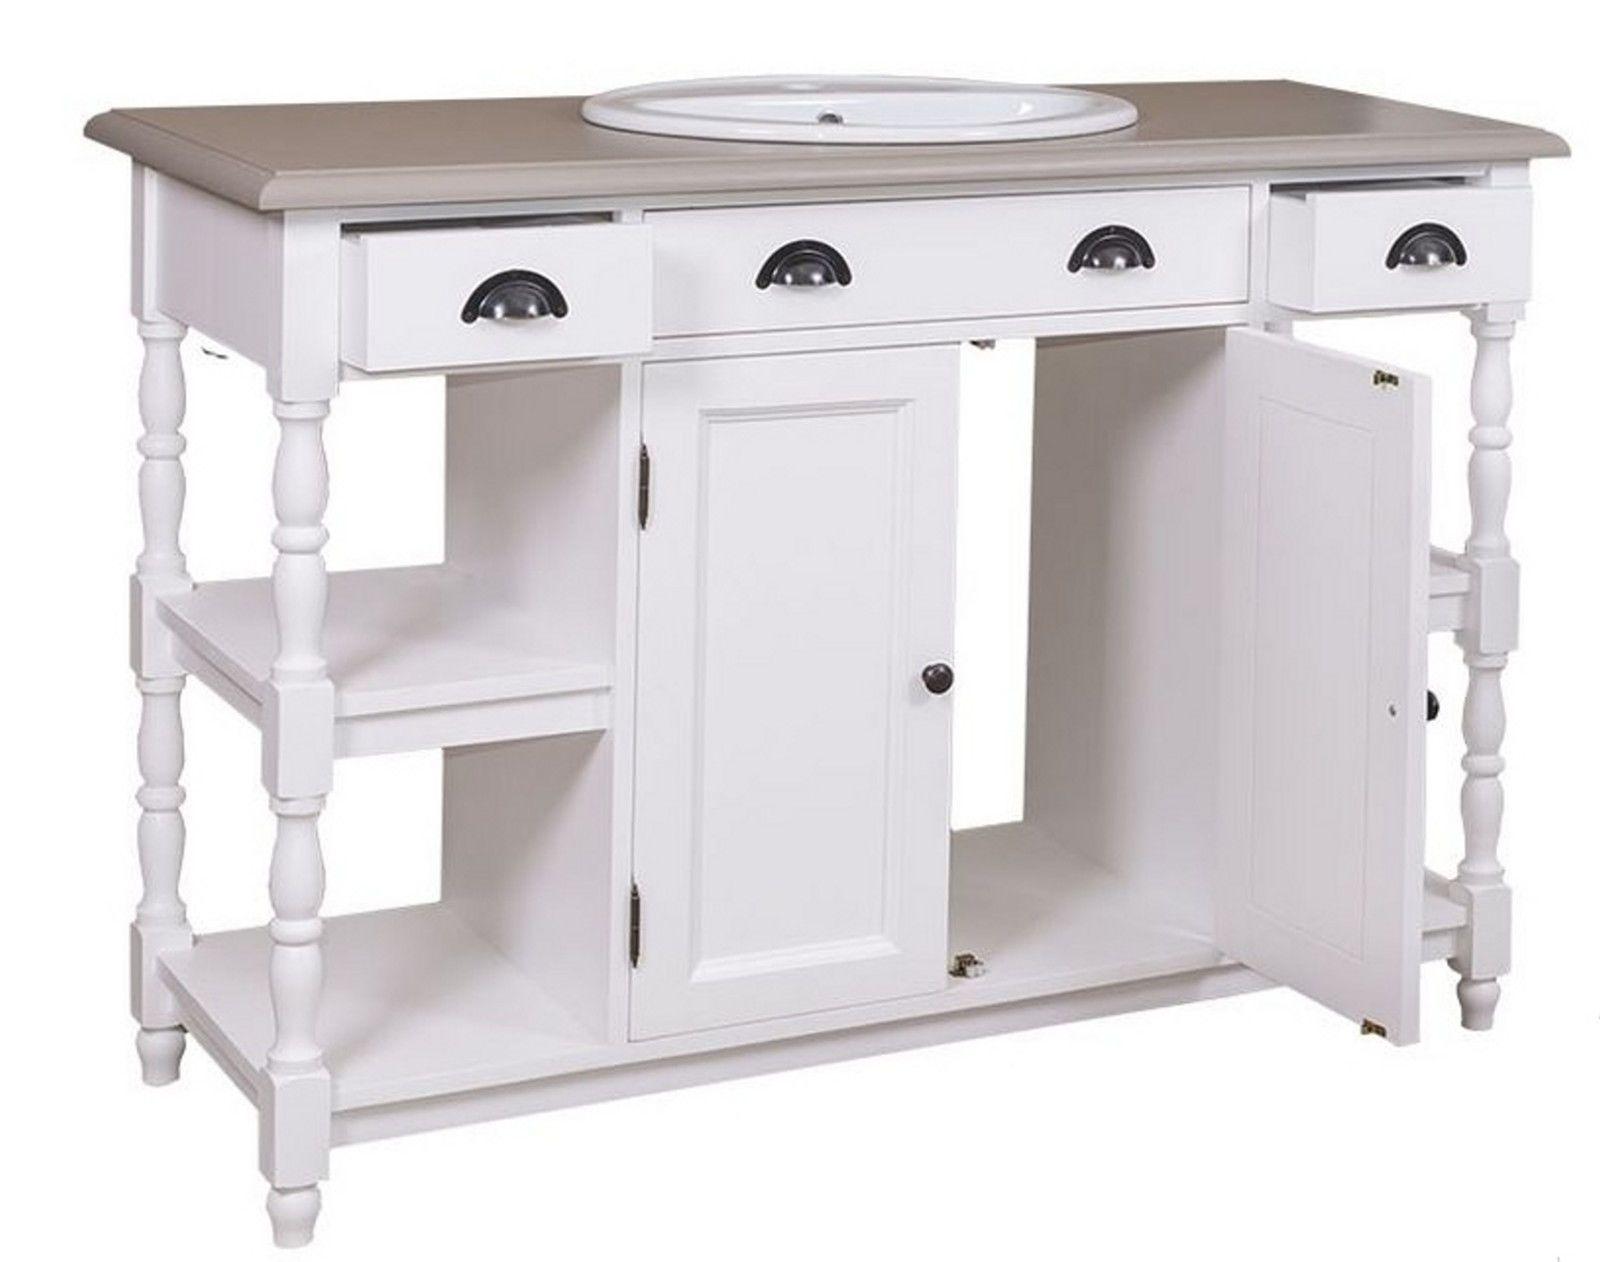 Waschtisch Waschbeckenunterschrank Badezimmer Mobel Massivholz